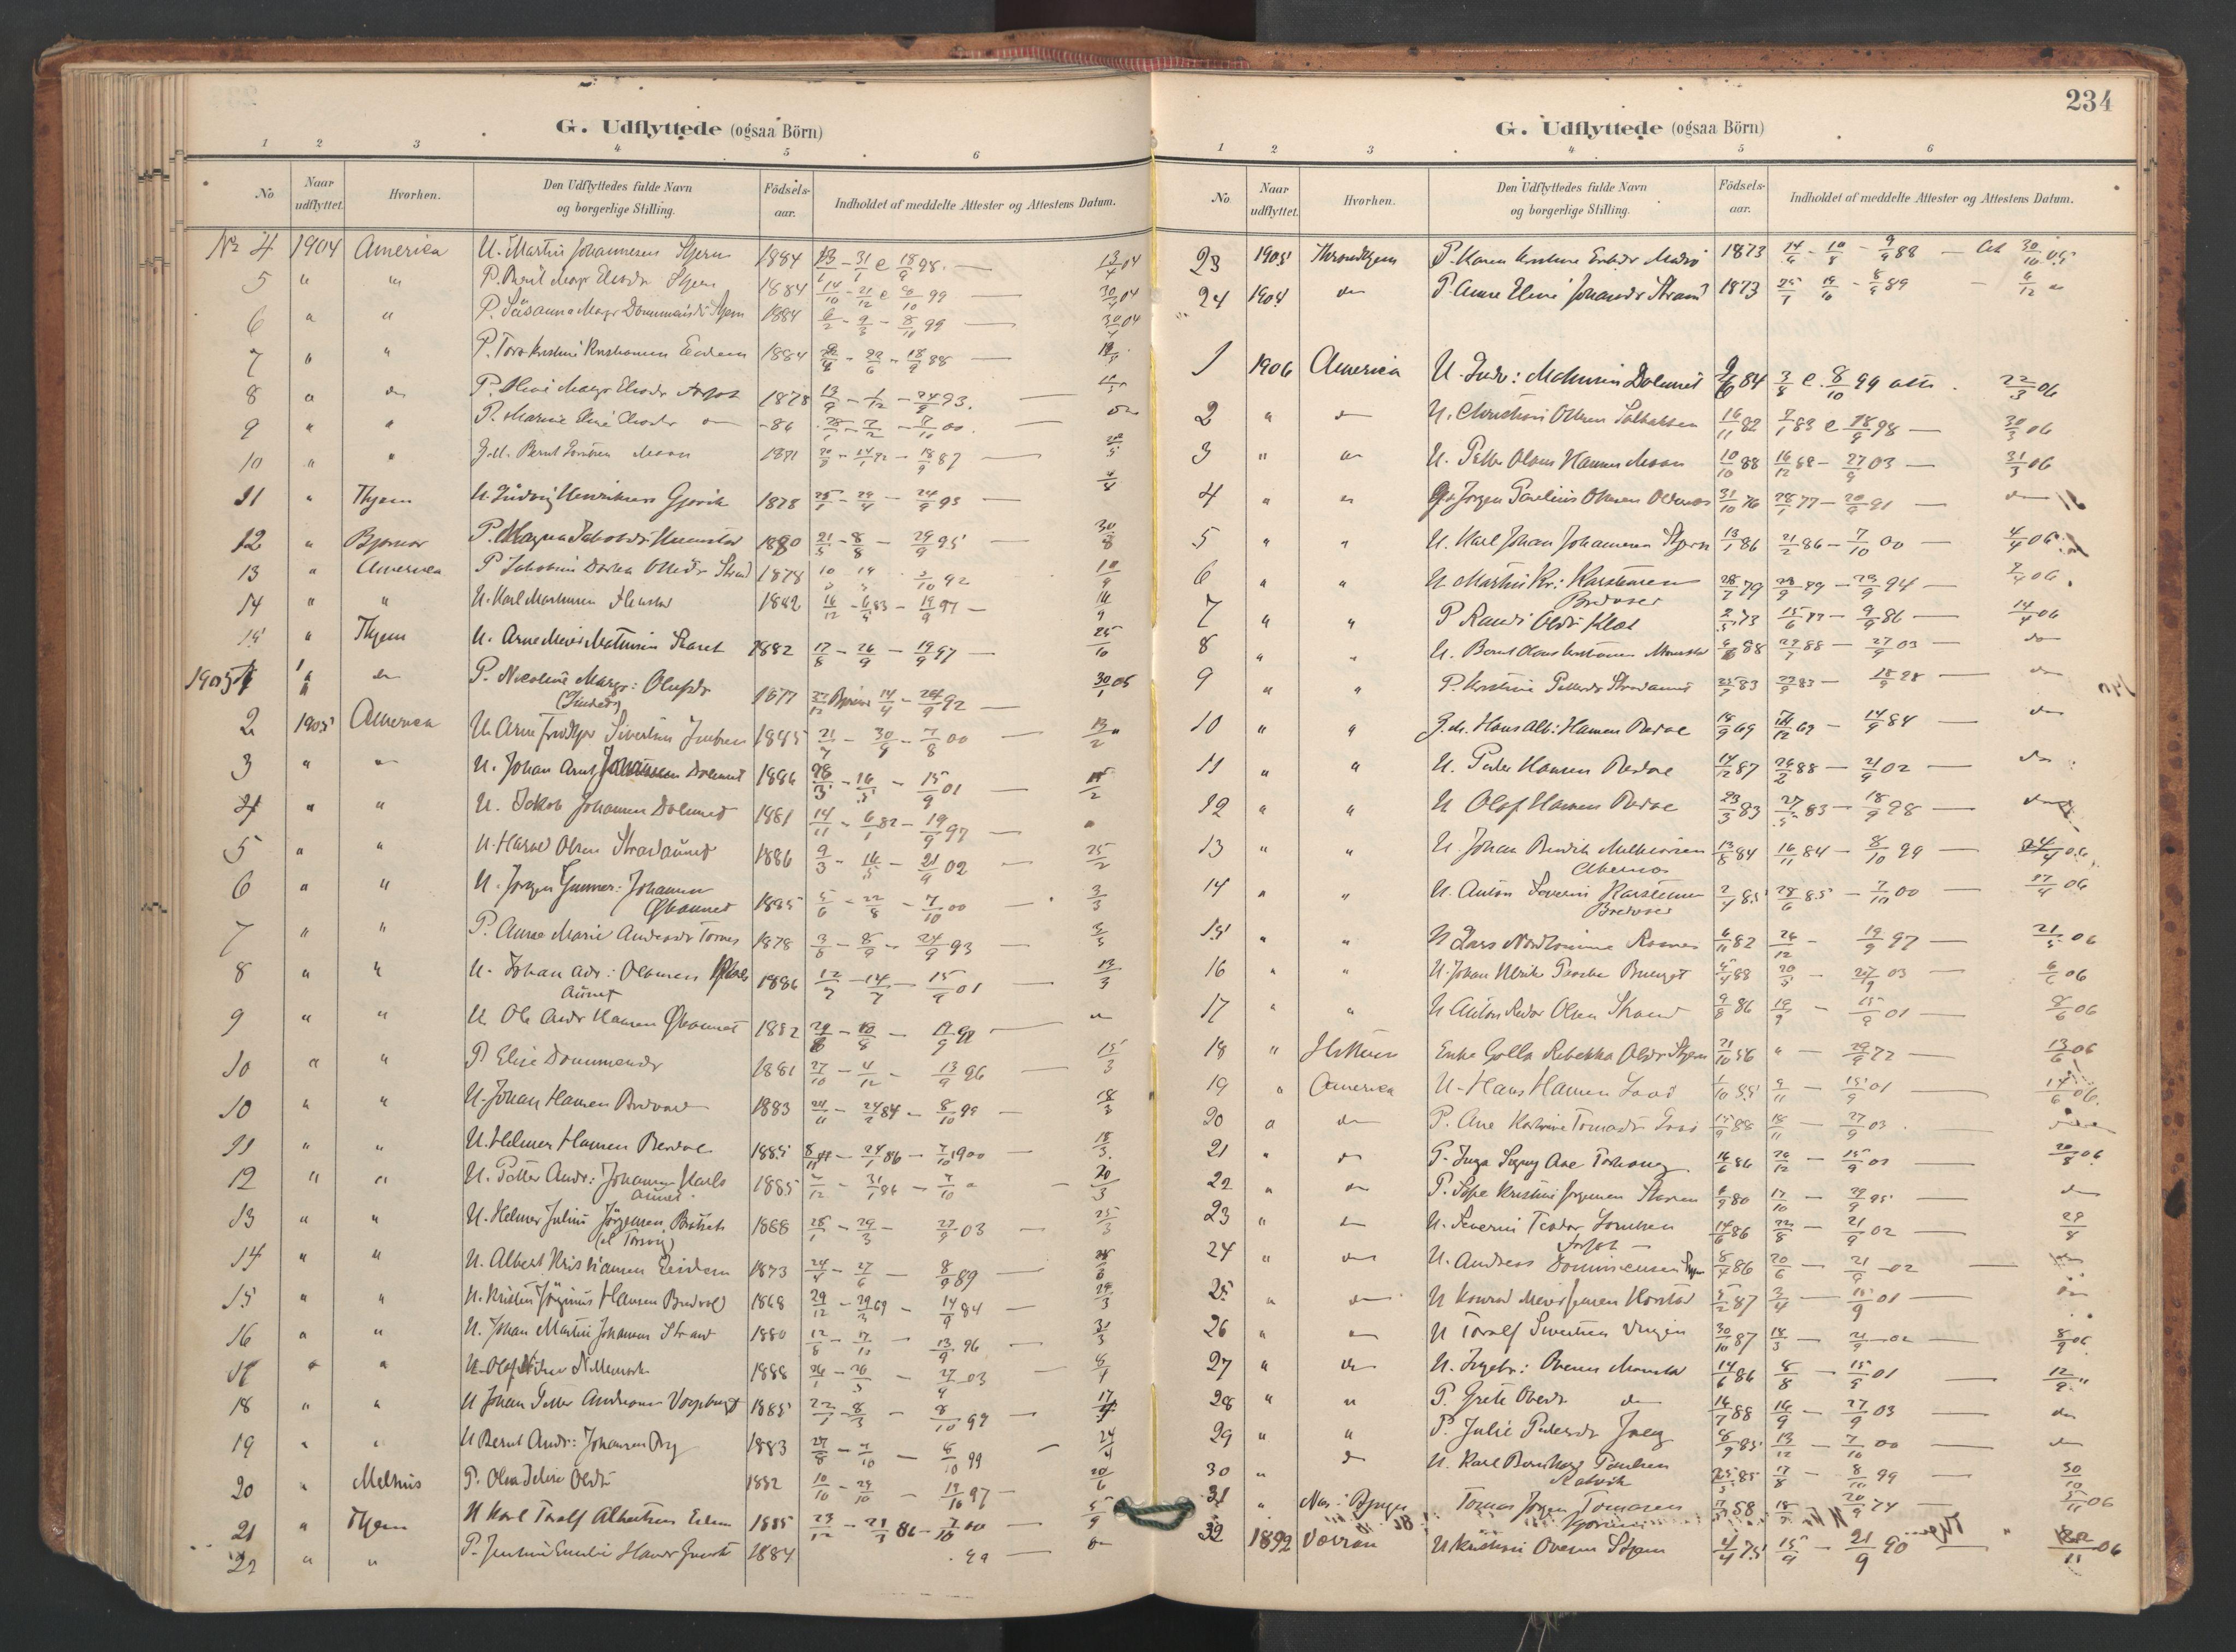 SAT, Ministerialprotokoller, klokkerbøker og fødselsregistre - Sør-Trøndelag, 655/L0681: Ministerialbok nr. 655A10, 1895-1907, s. 234